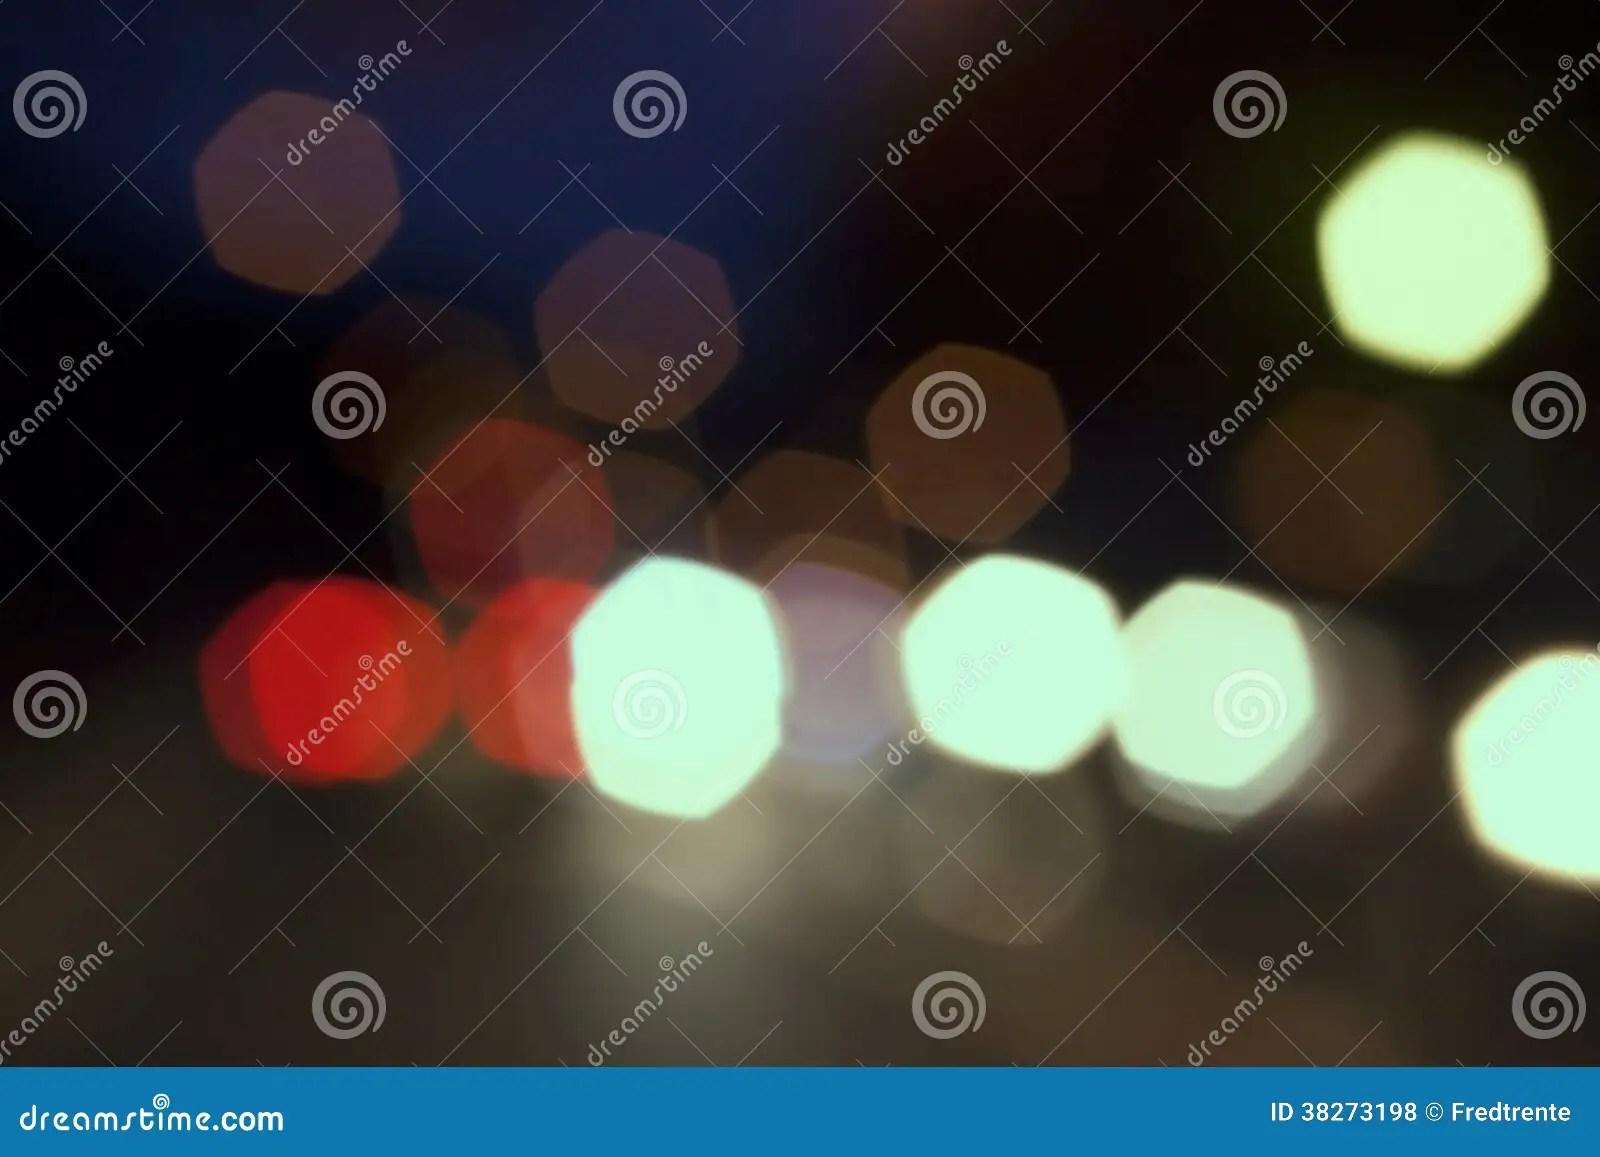 equipment lighting illumination police ambulance sirene stock photo image of warning drunk 38273198